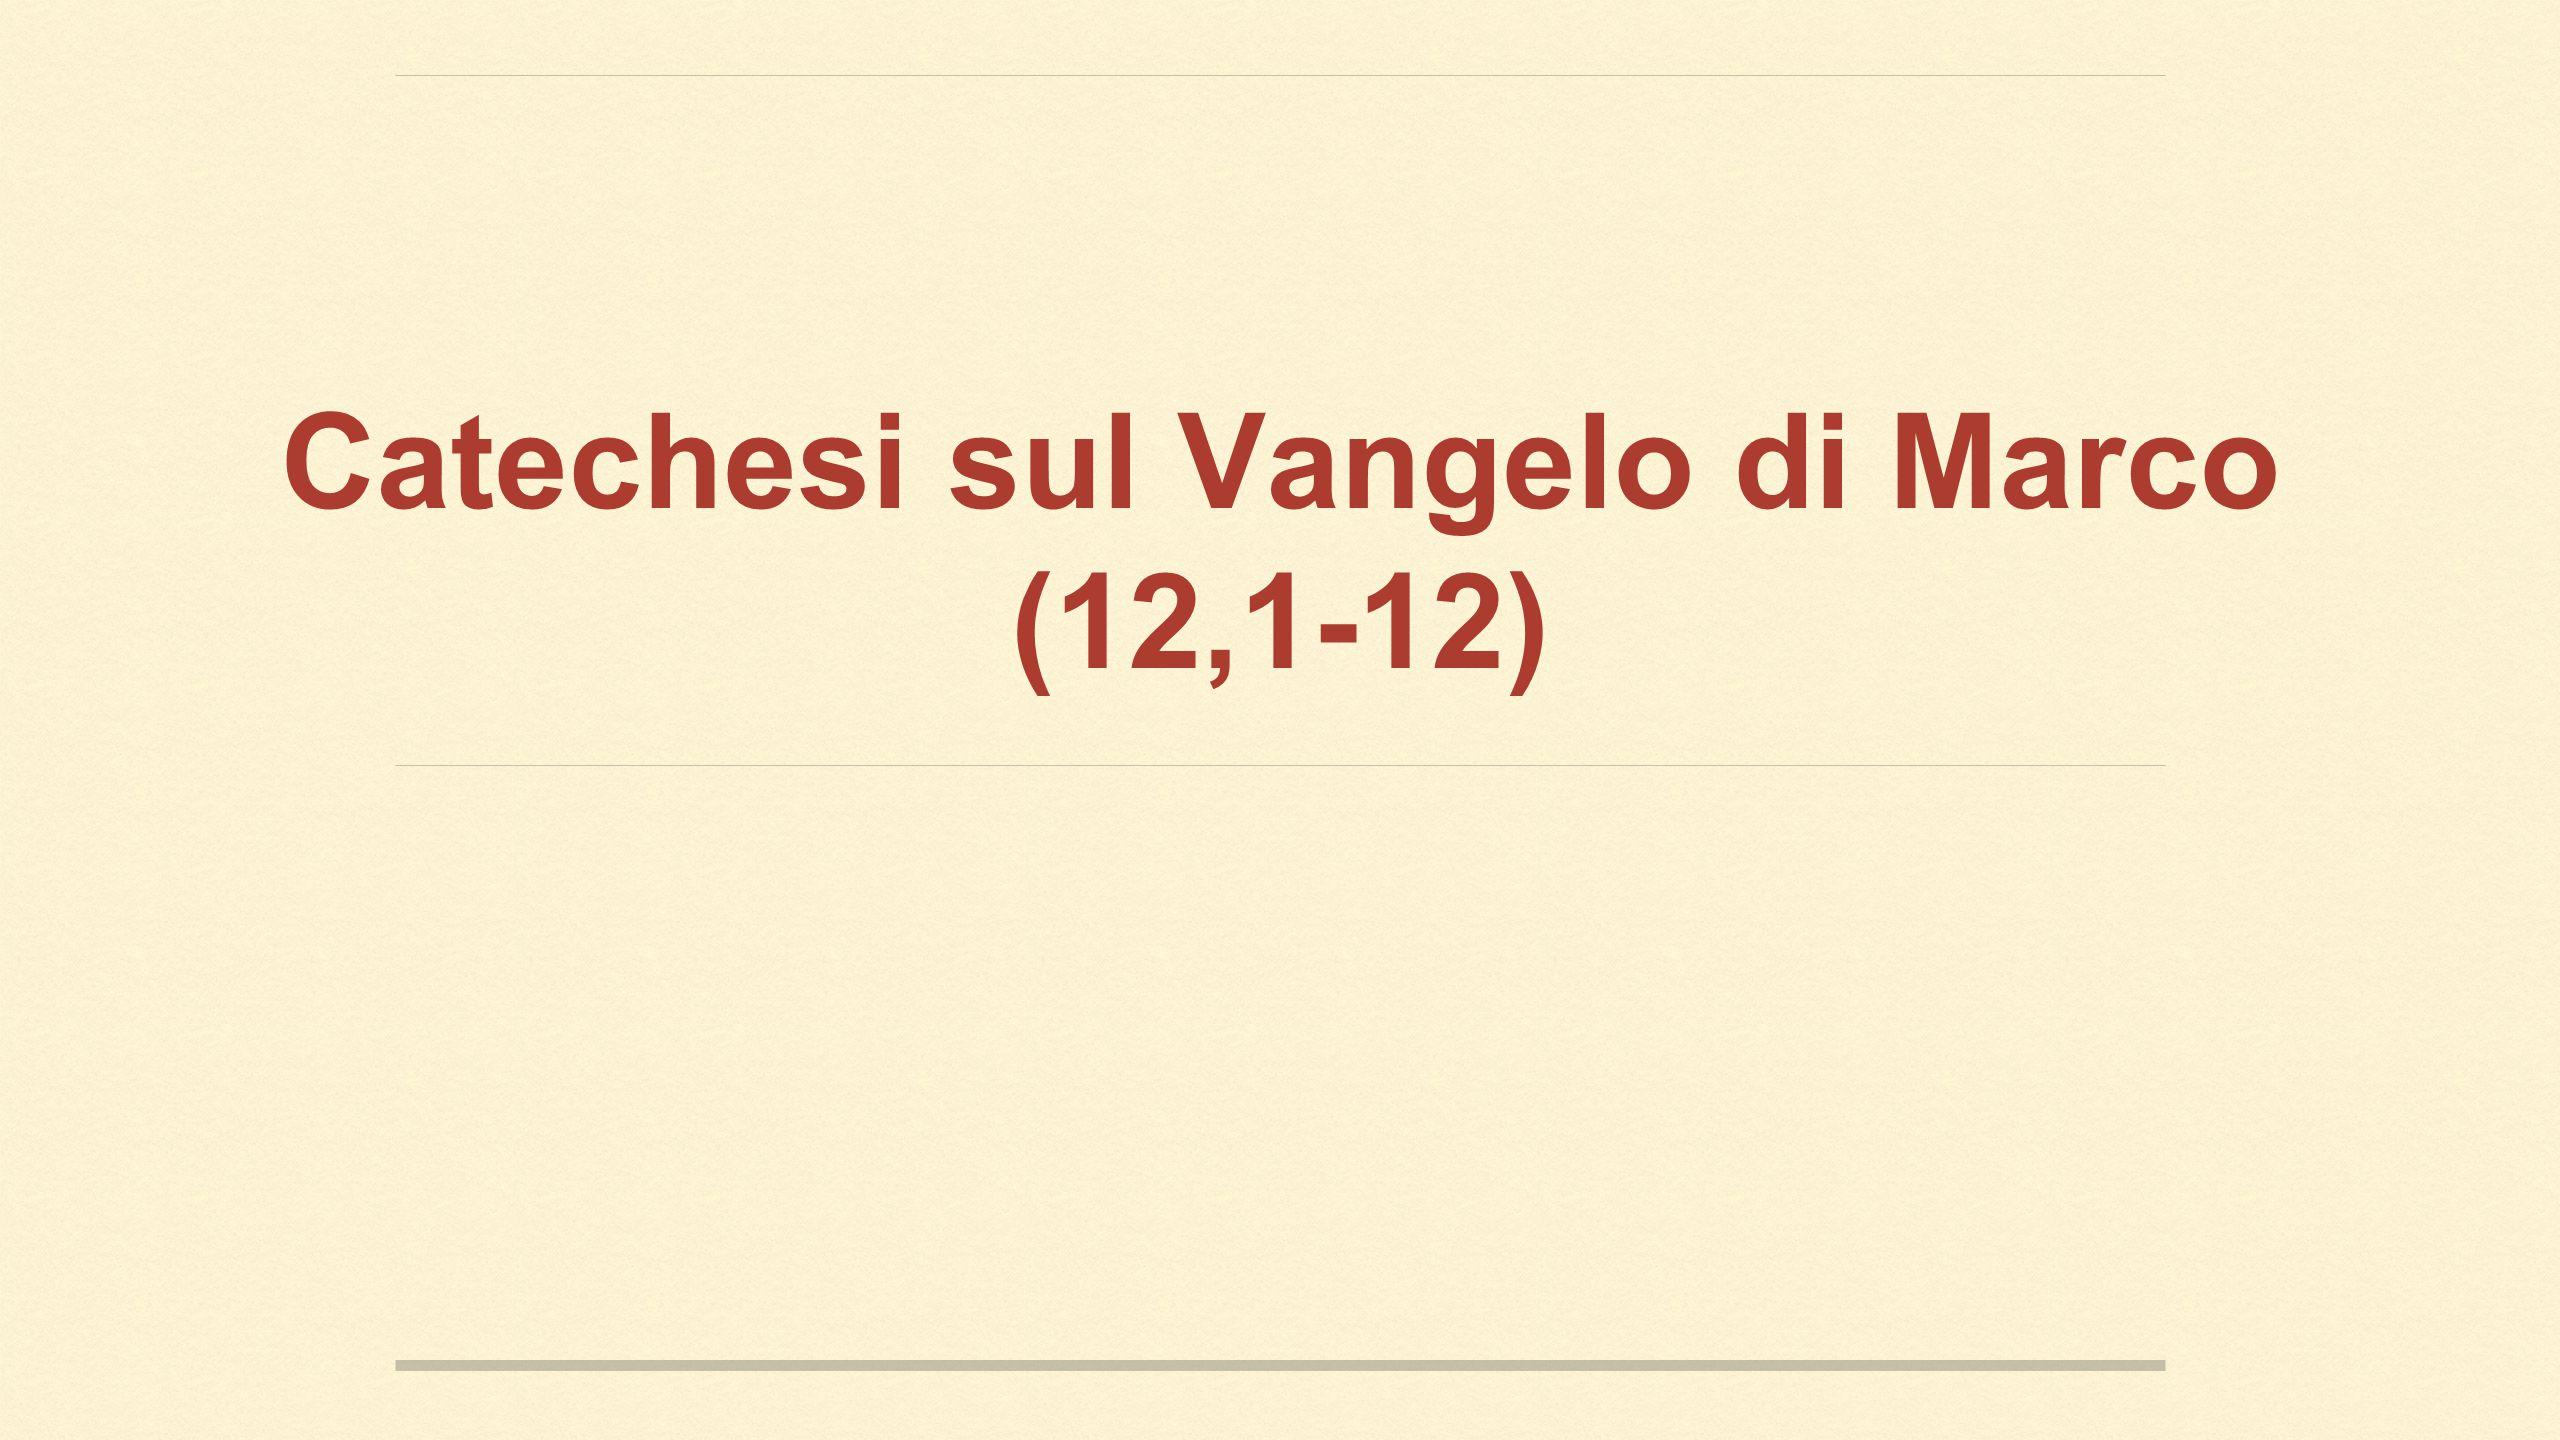 Vangelo di Marco (12,1-12) 1 Si mise a parlare loro con parabole: «Un uomo piantò una vigna, la circondò con una siepe, scavò una buca per il torchio e costruì una torre.